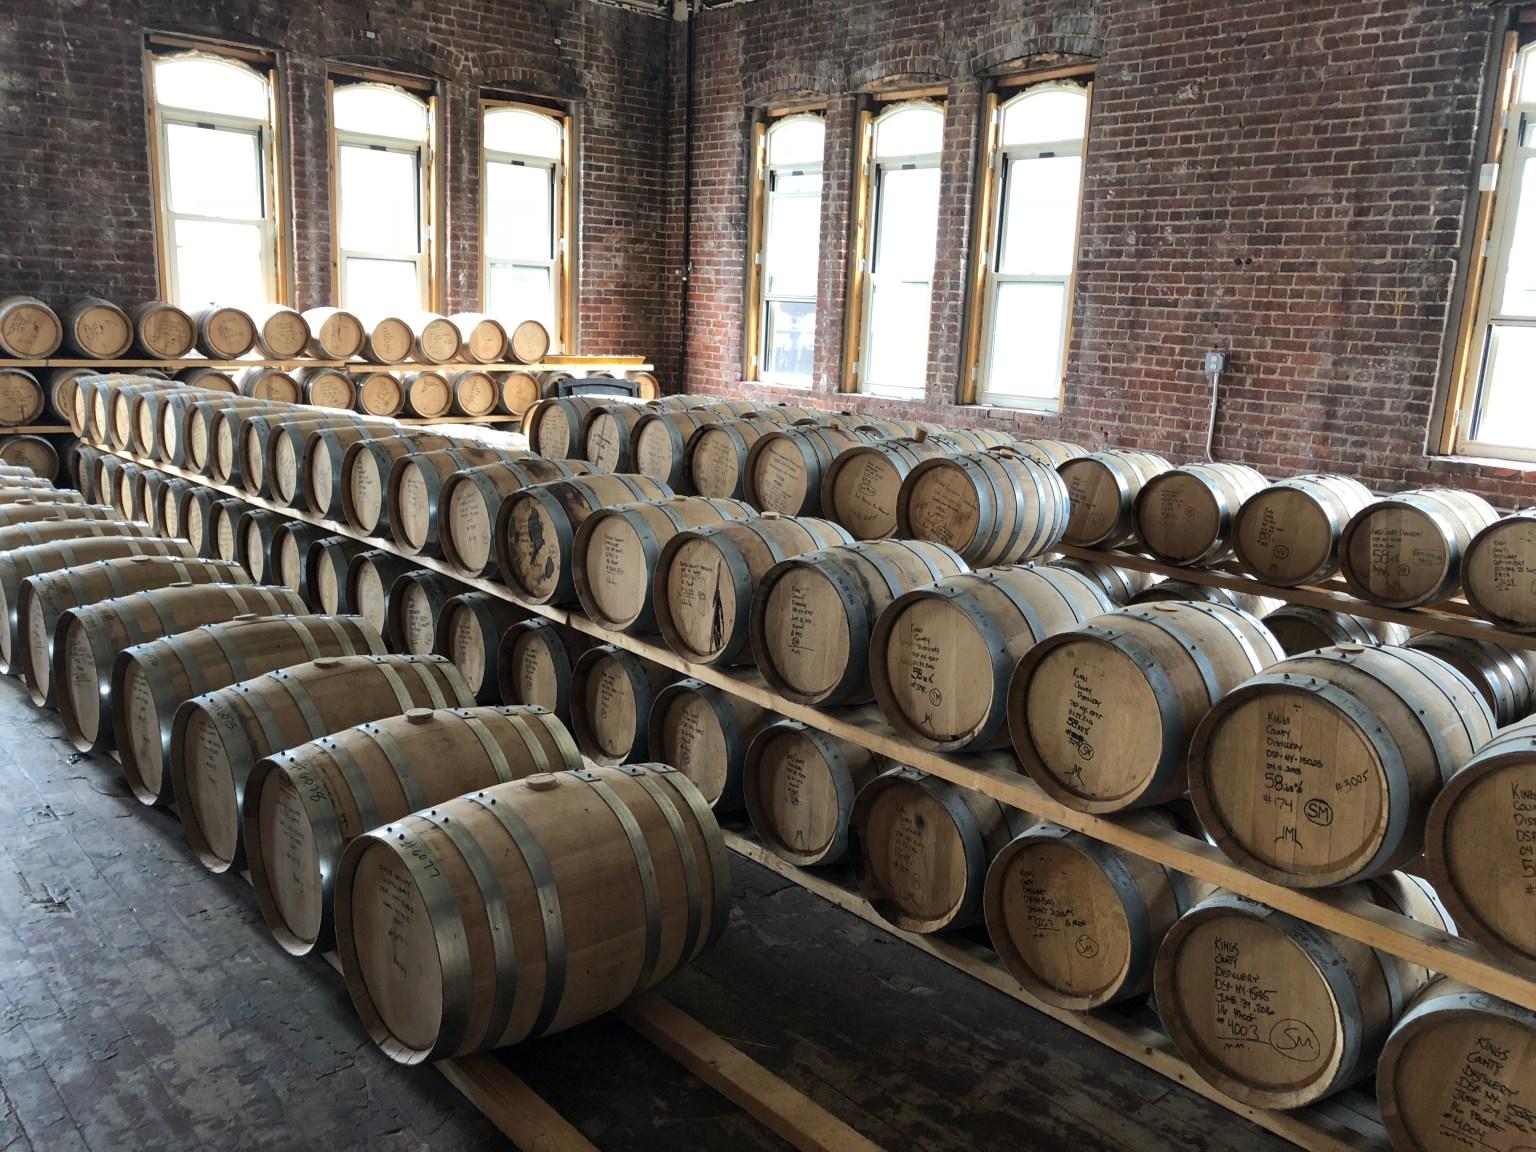 lưu trữ rượu twhisky truyền thống